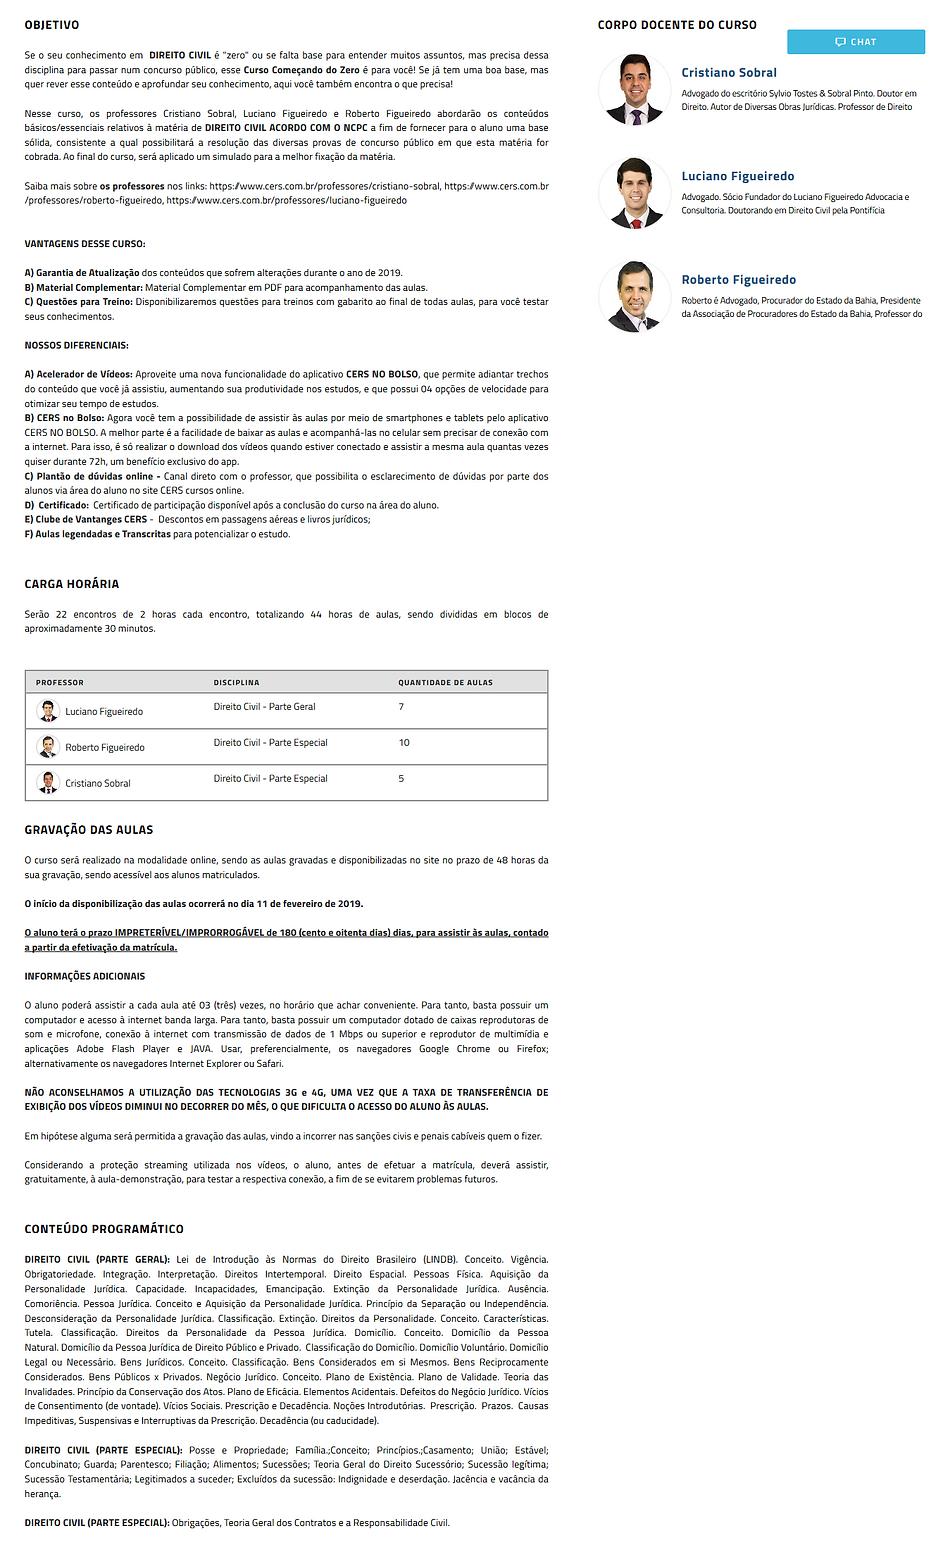 Direito Civil CS(2).png